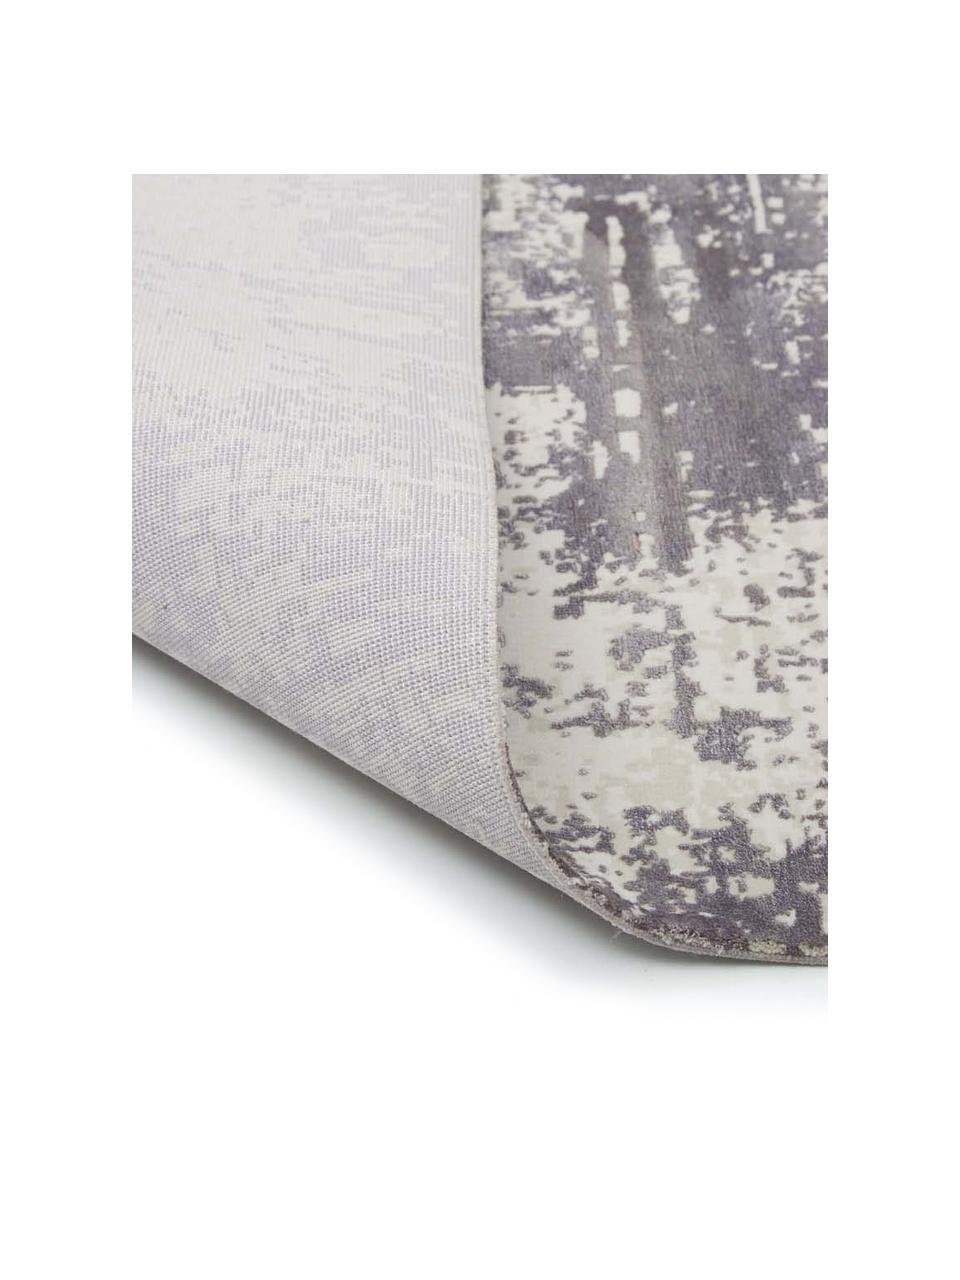 Tappeto vintage con frange effetto lucido Cordoba, Retro: cotone, Tonalità grigie con le sfumature viola, Larg. 130 x Lung. 190 cm (taglia s)